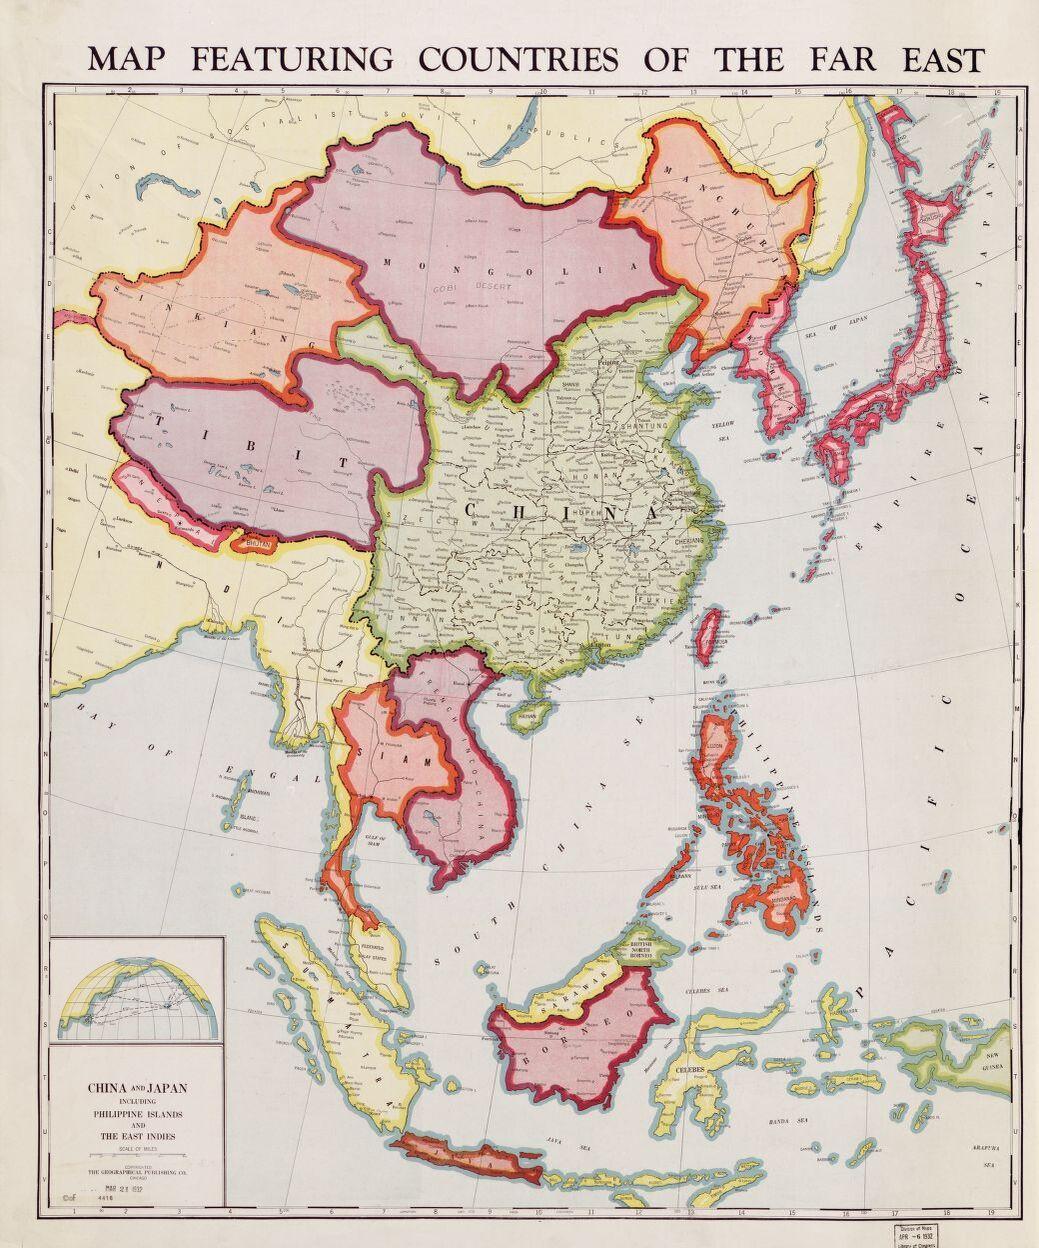 米国議会図書館で保存公開されている日本の地図_c0025115_21452289.jpg